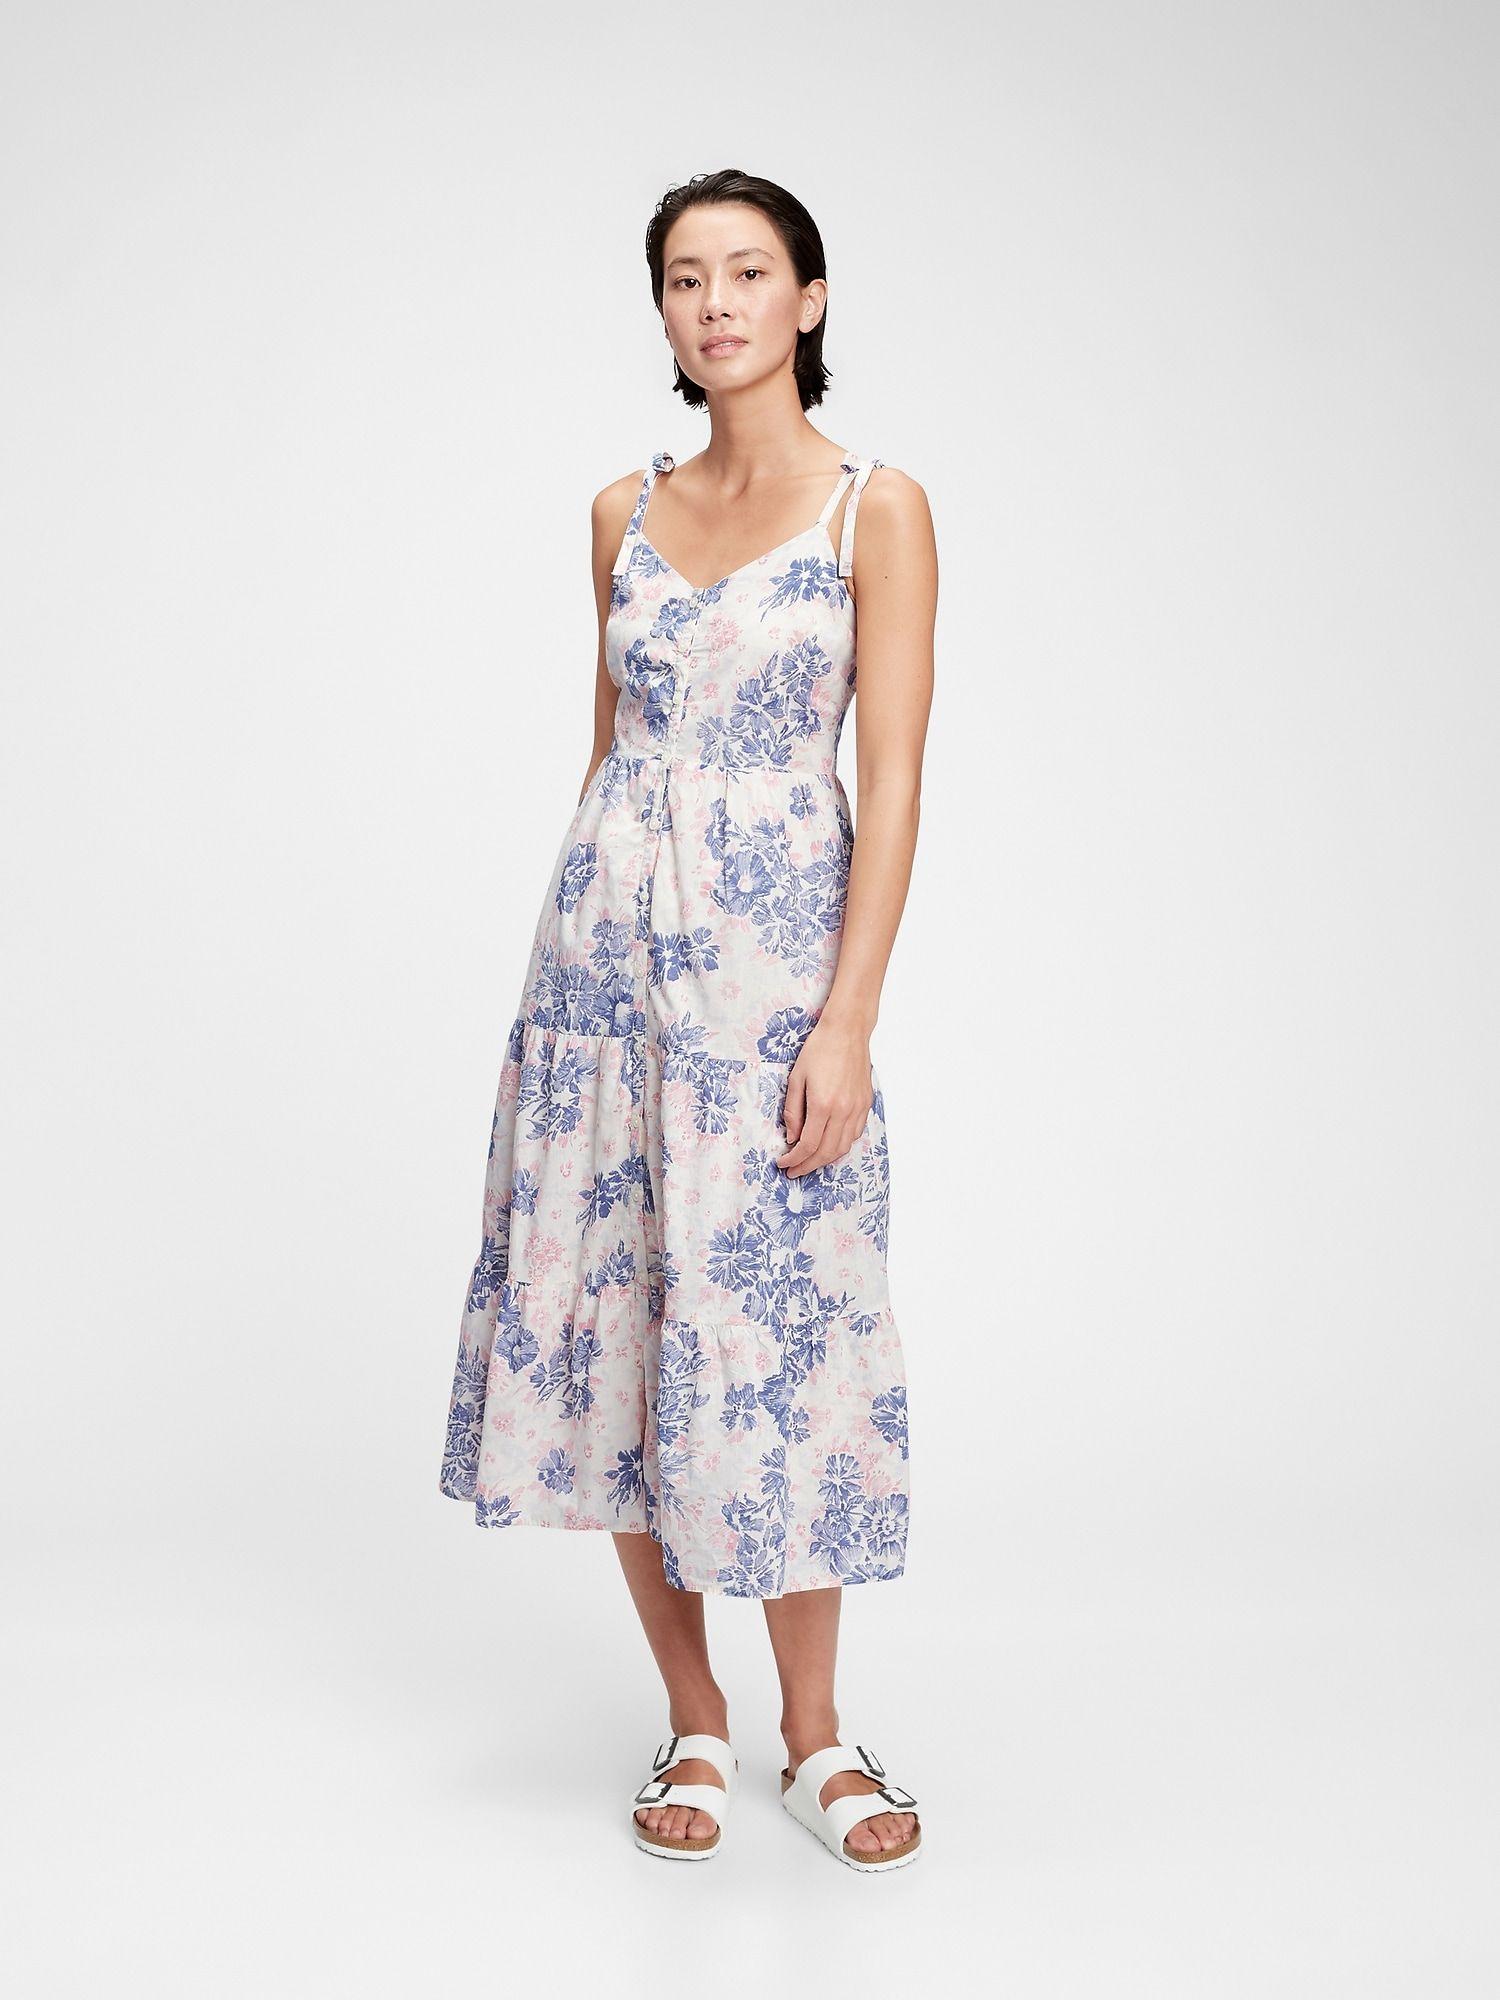 Tiered Cami Midi Dress In 2021 Cami Midi Dress Midi Dress Dresses [ 2000 x 1500 Pixel ]